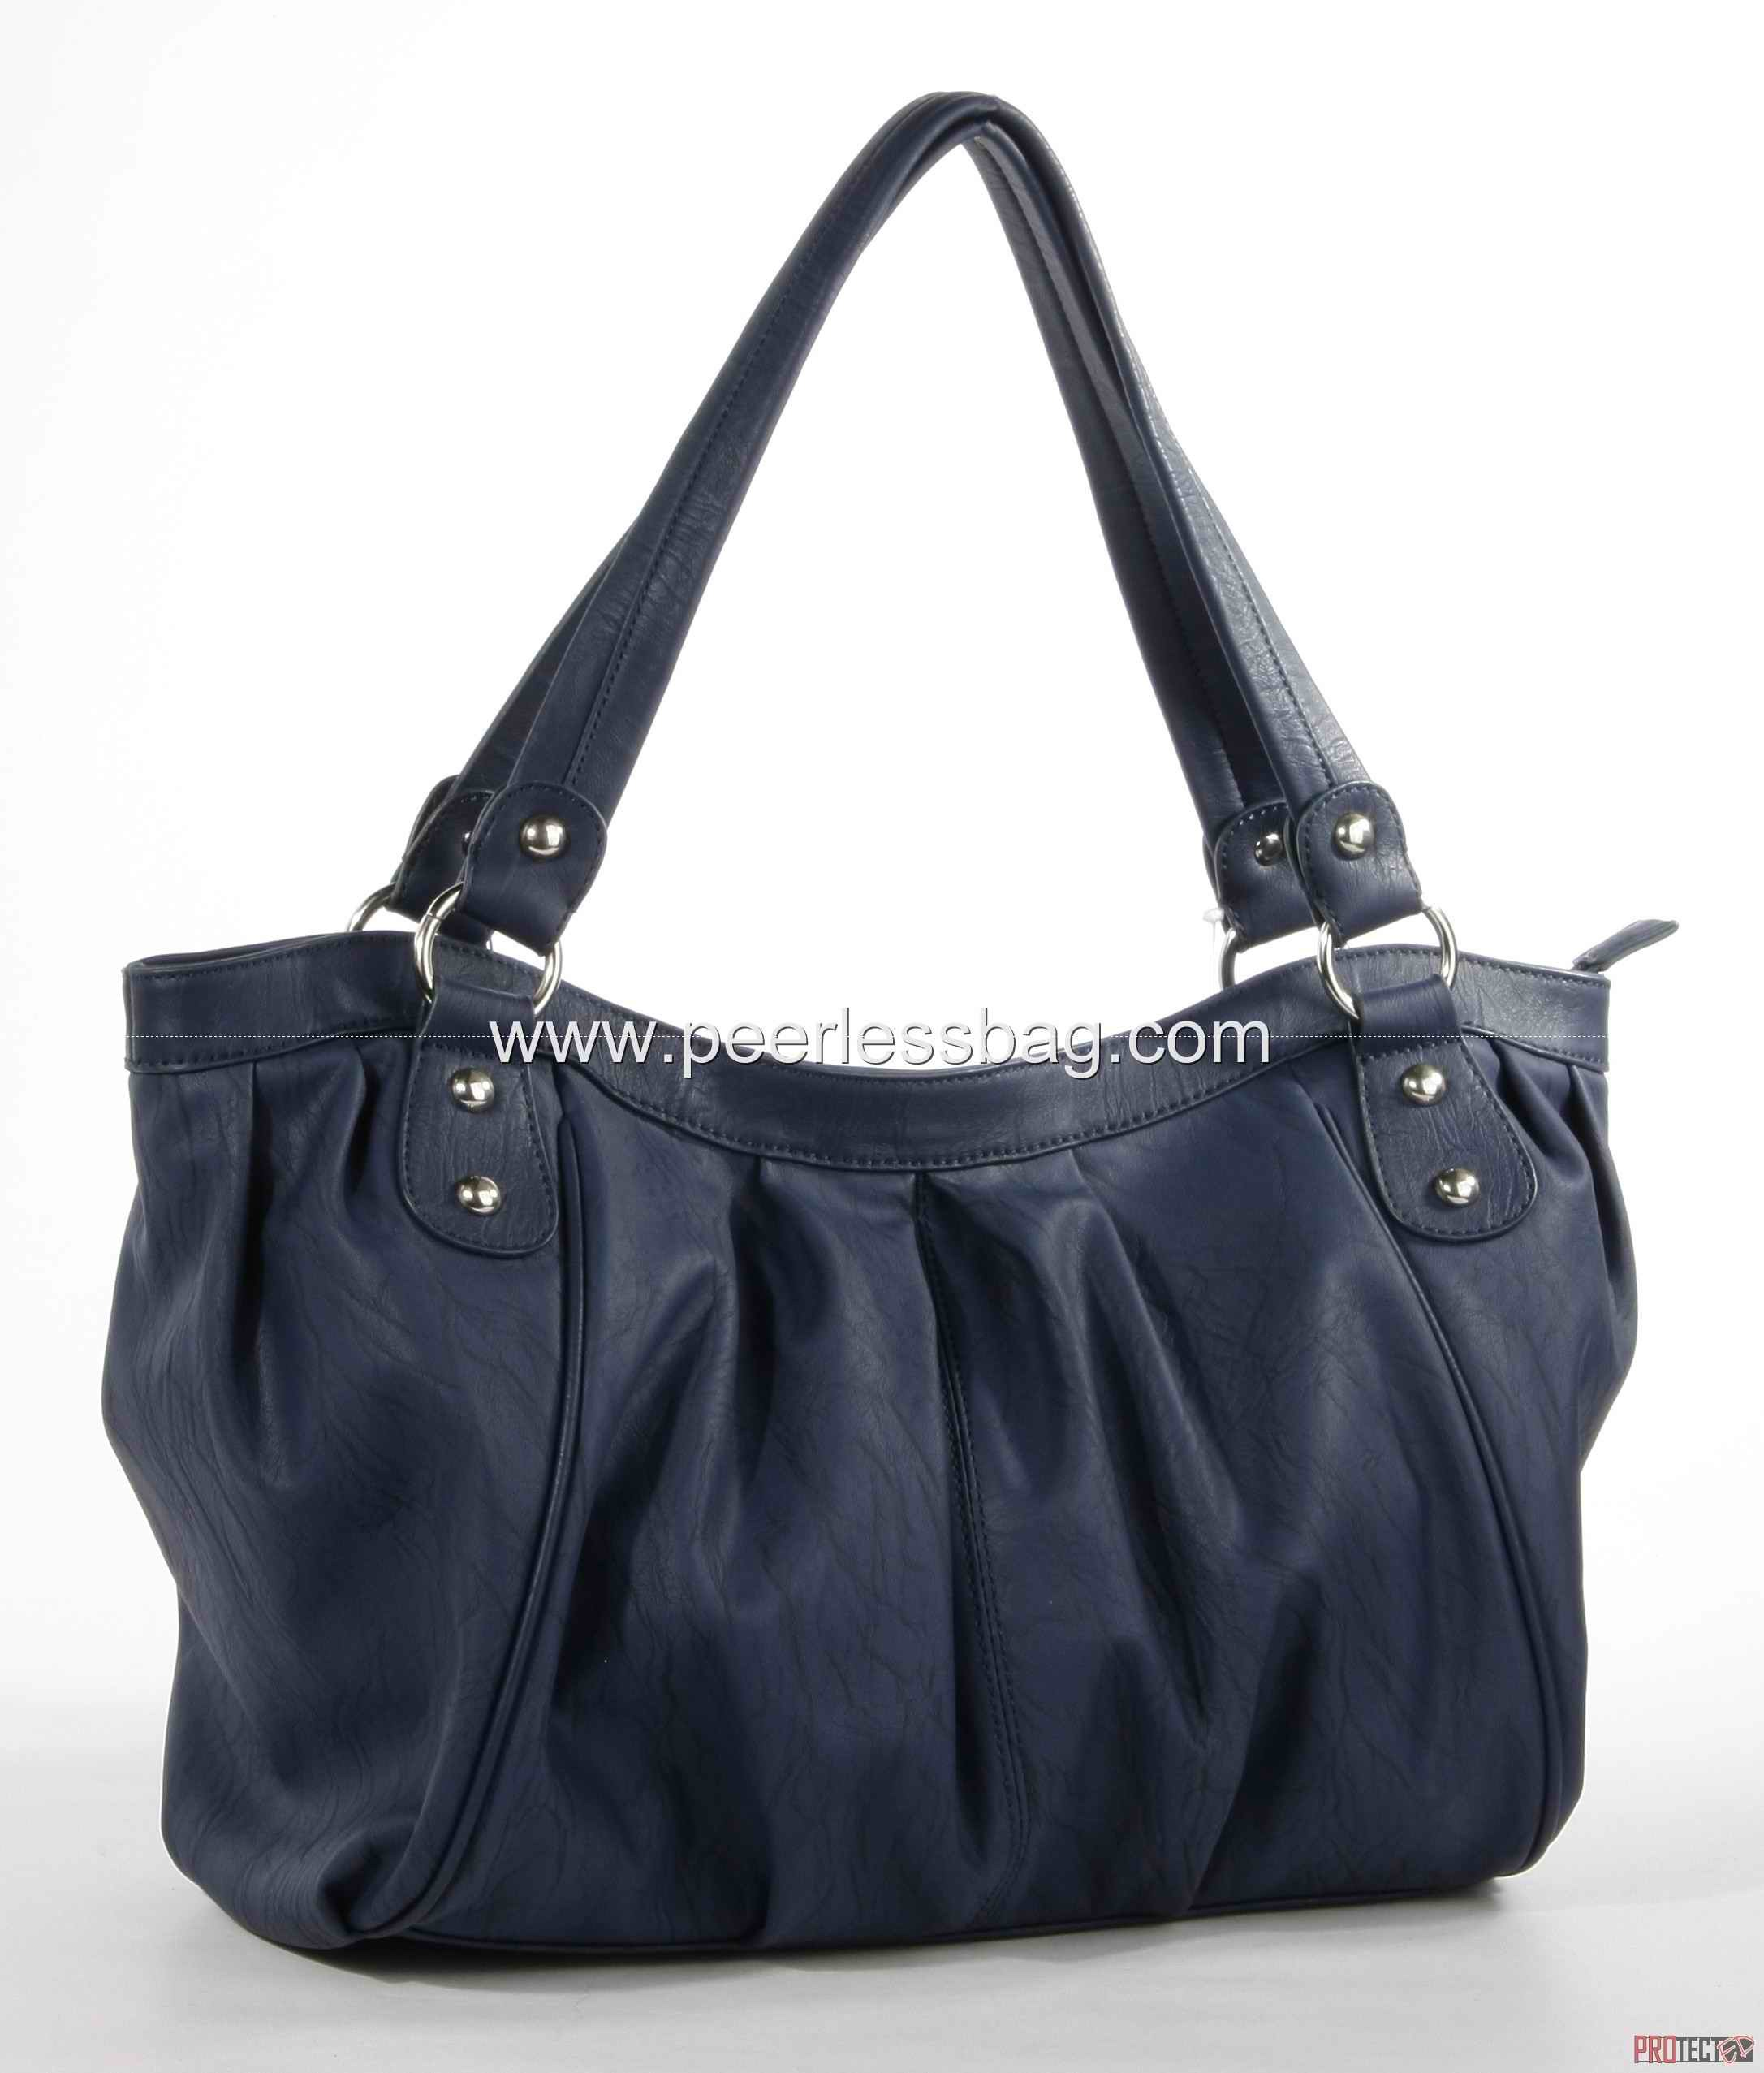 Wholesale Ladies Handbags - Buy